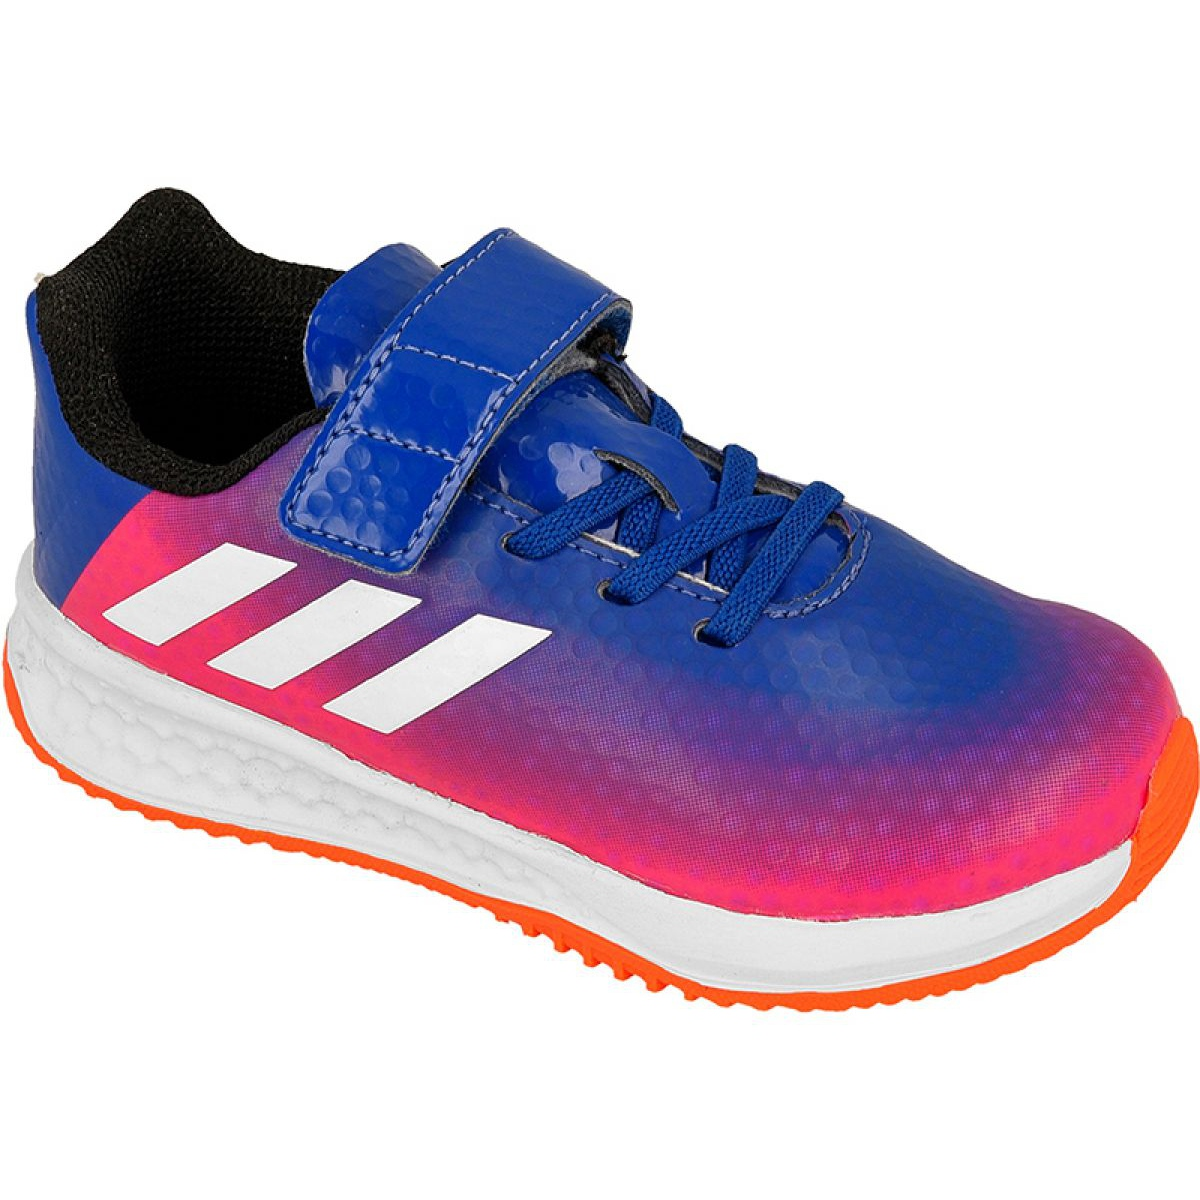 Sapatilhas Adidas Rapida Turf Messi Kids BB0235 azul